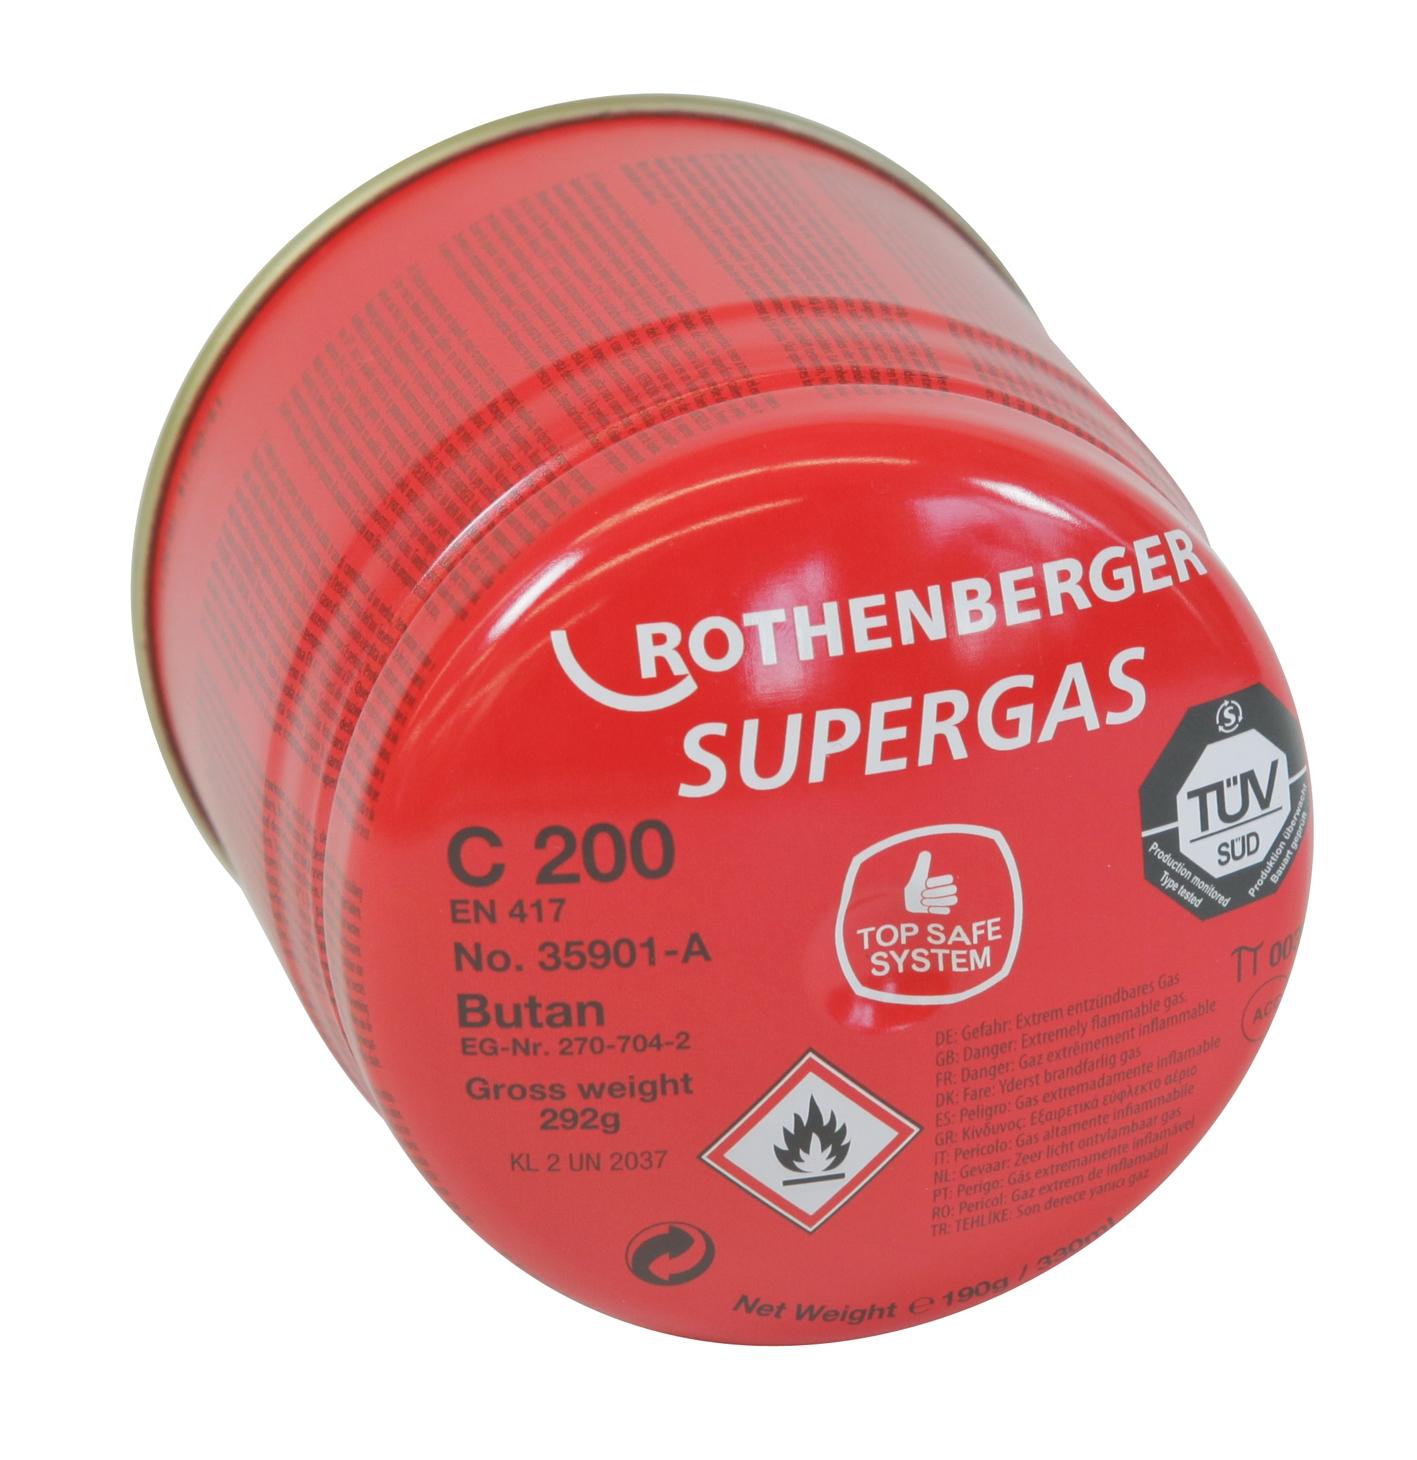 Kartuše plynová Rothenberger SUPERGAS C200